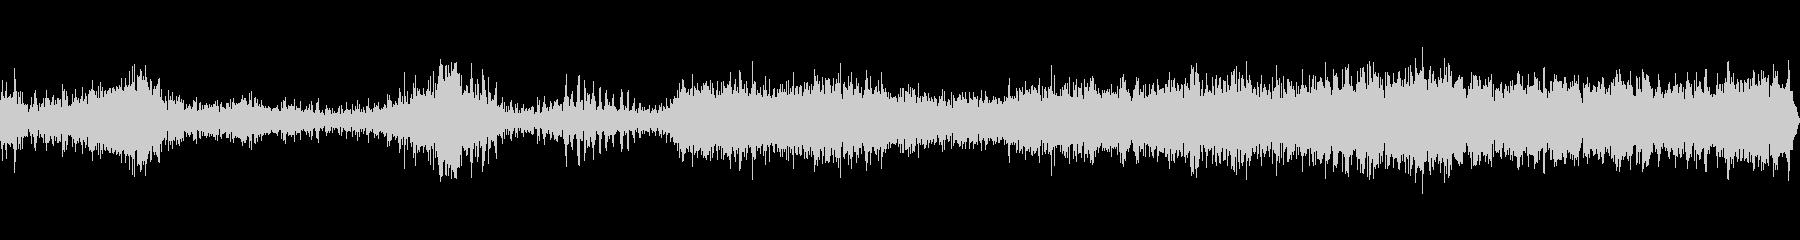 ラジオスキャン5の未再生の波形